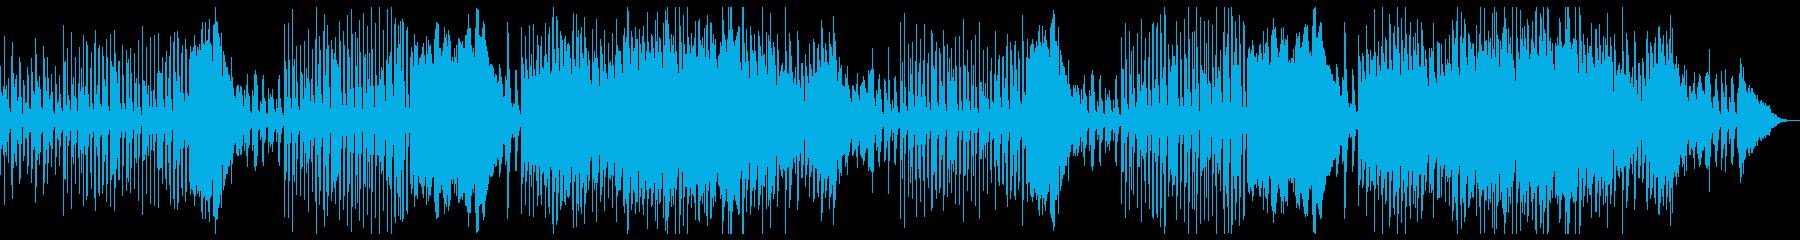 ピアノとストリングスの明るめ推理・劇伴の再生済みの波形